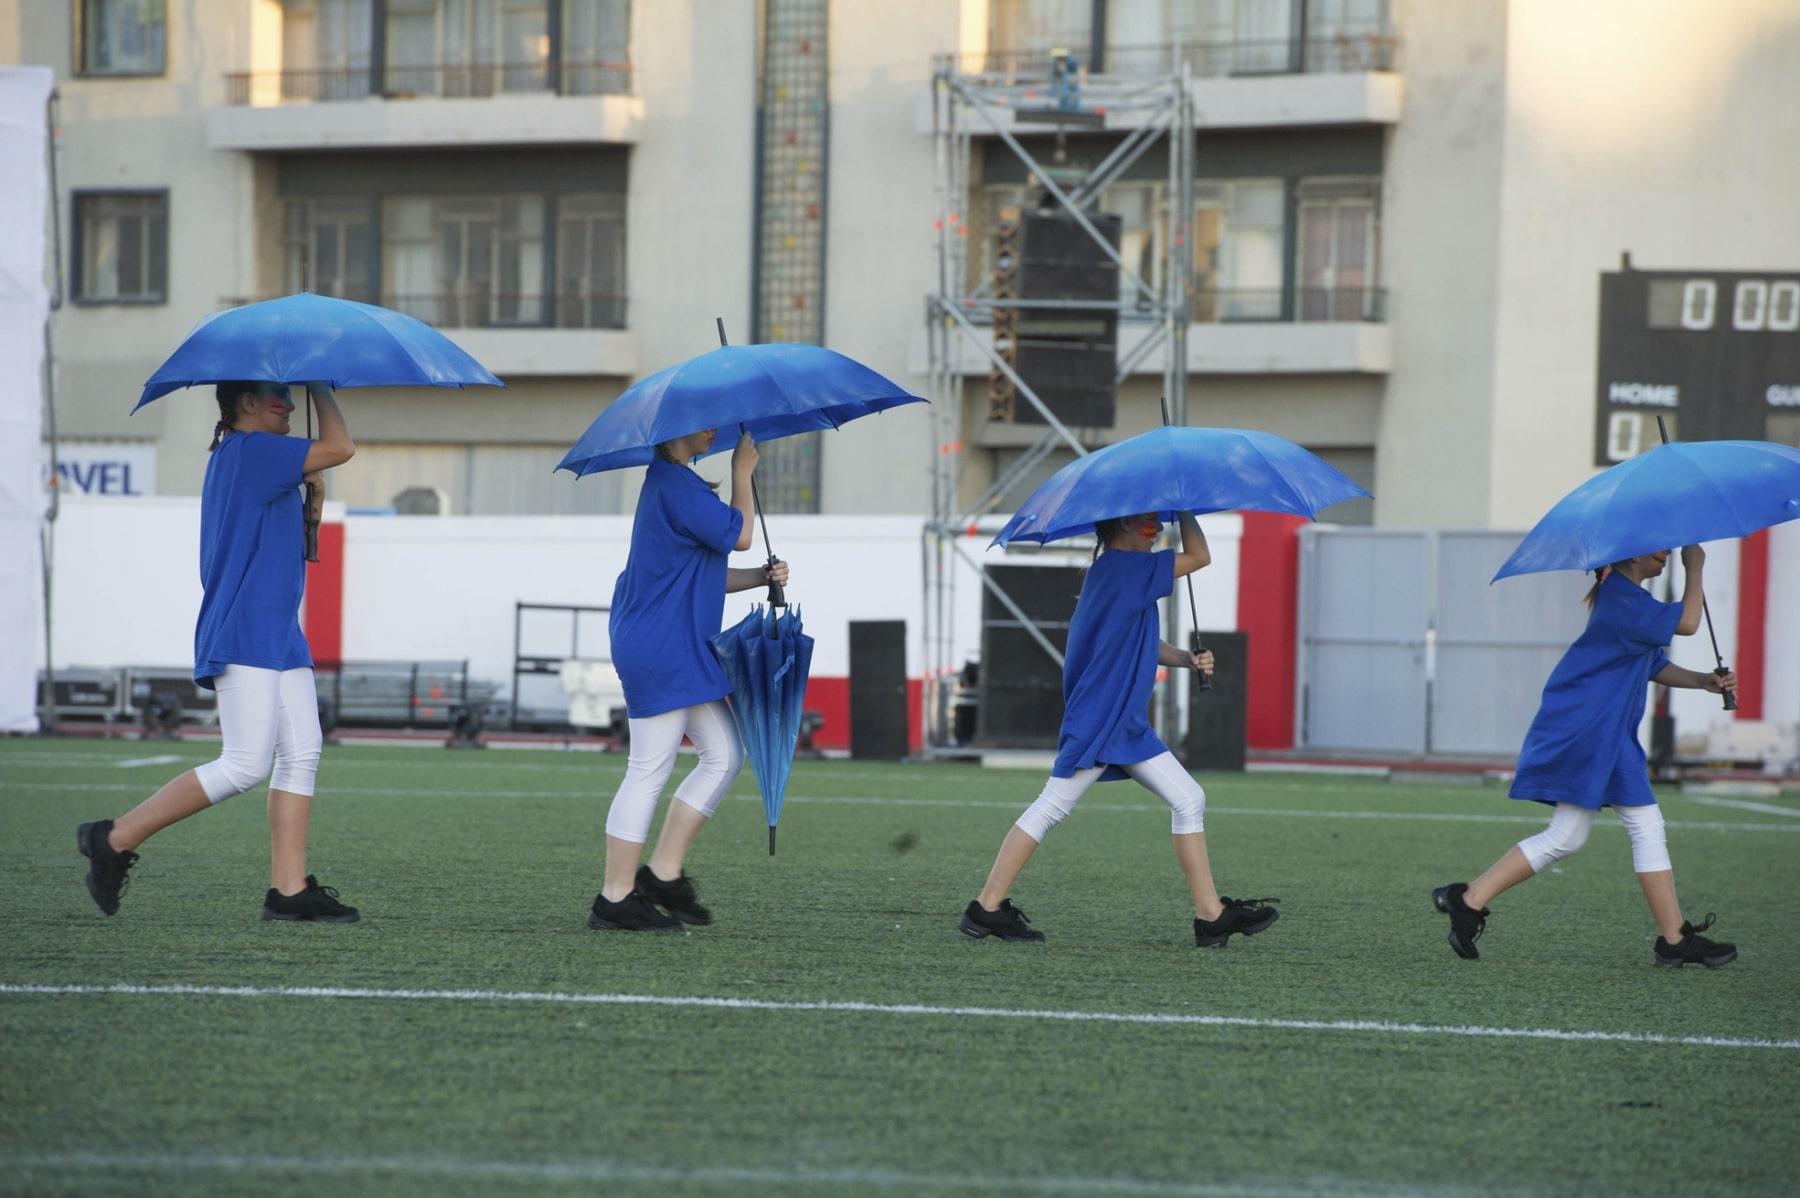 29-mayo-inauguracin-xvii-juegos-del-estrecho07_14311746115_o